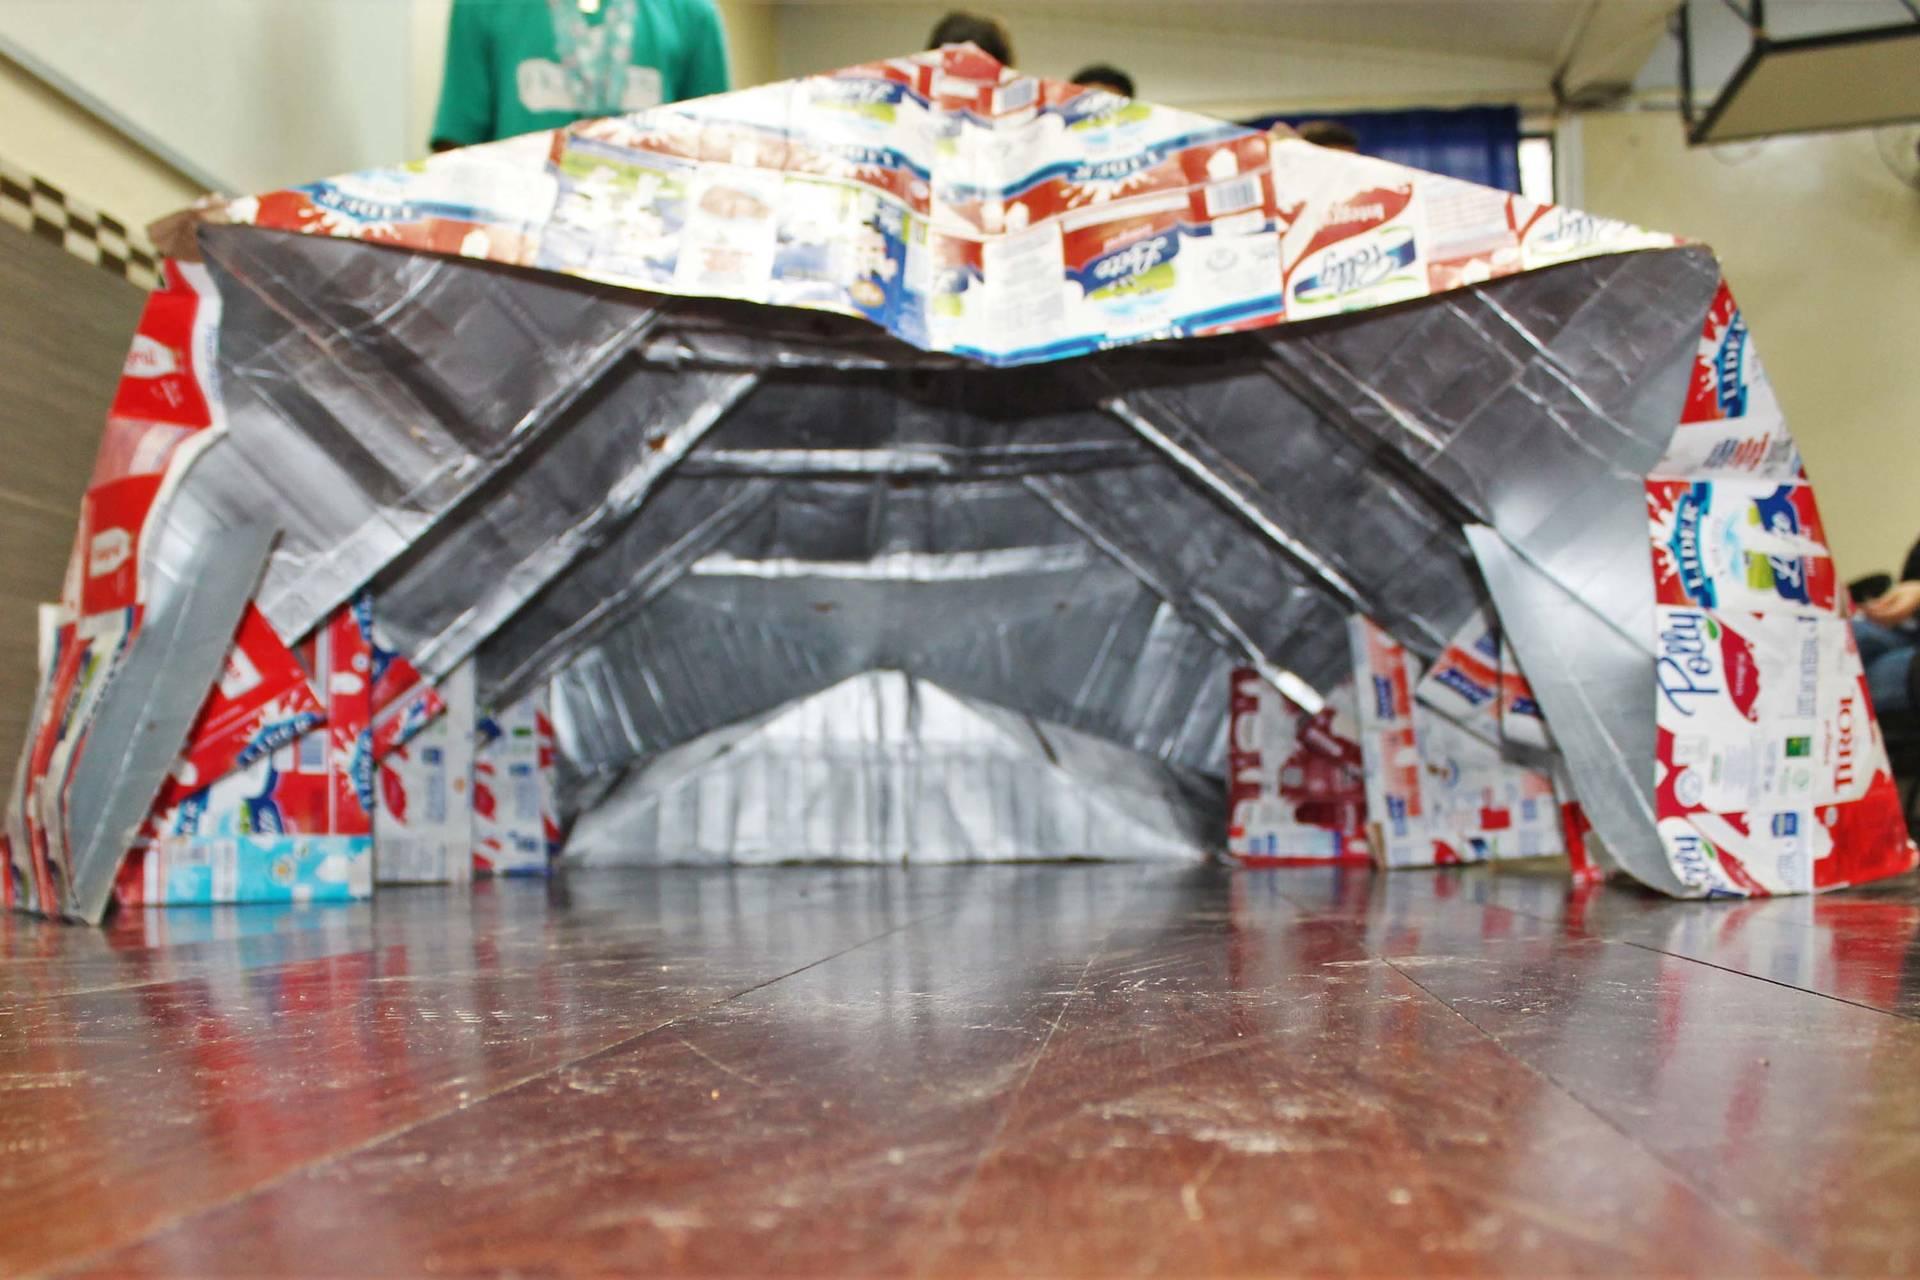 Alunos do Curso Técnico em Edificações do Centro Estadual de Educação Profissional de Curitiba criaram um abrigo emergencial sustentável, portátil, impermeável, com isolamento térmico e custo praticamente zero.